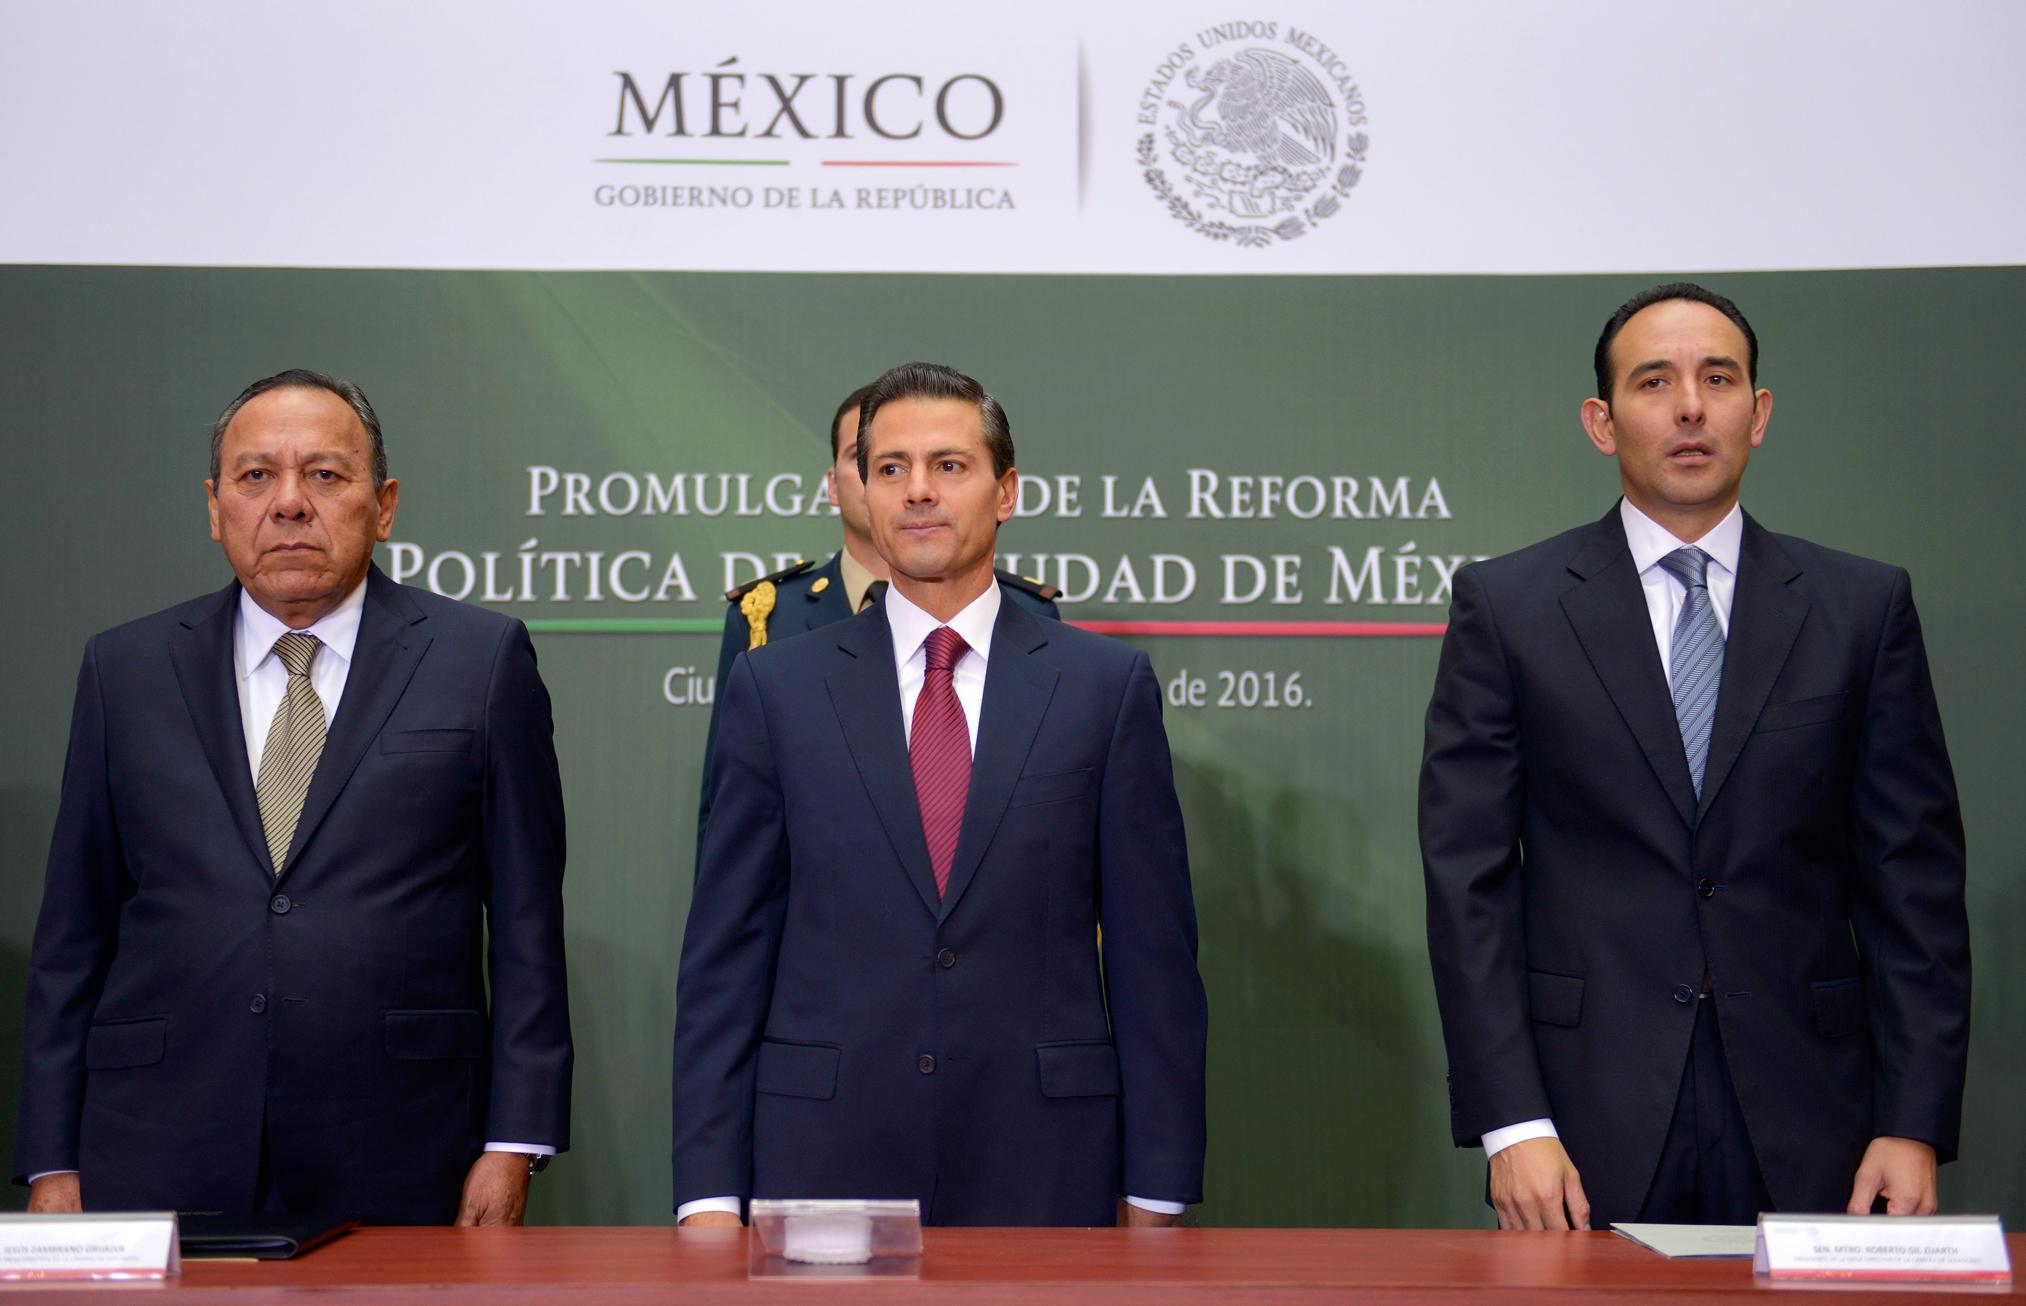 La Reforma Política de la Ciudad de México fortalece los derechos de sus ciudadanos y habitantes, quienes ahora estarán en mejores condiciones para participar democráticamente en la solución de los problemas y desafíos de esta gran urbe.